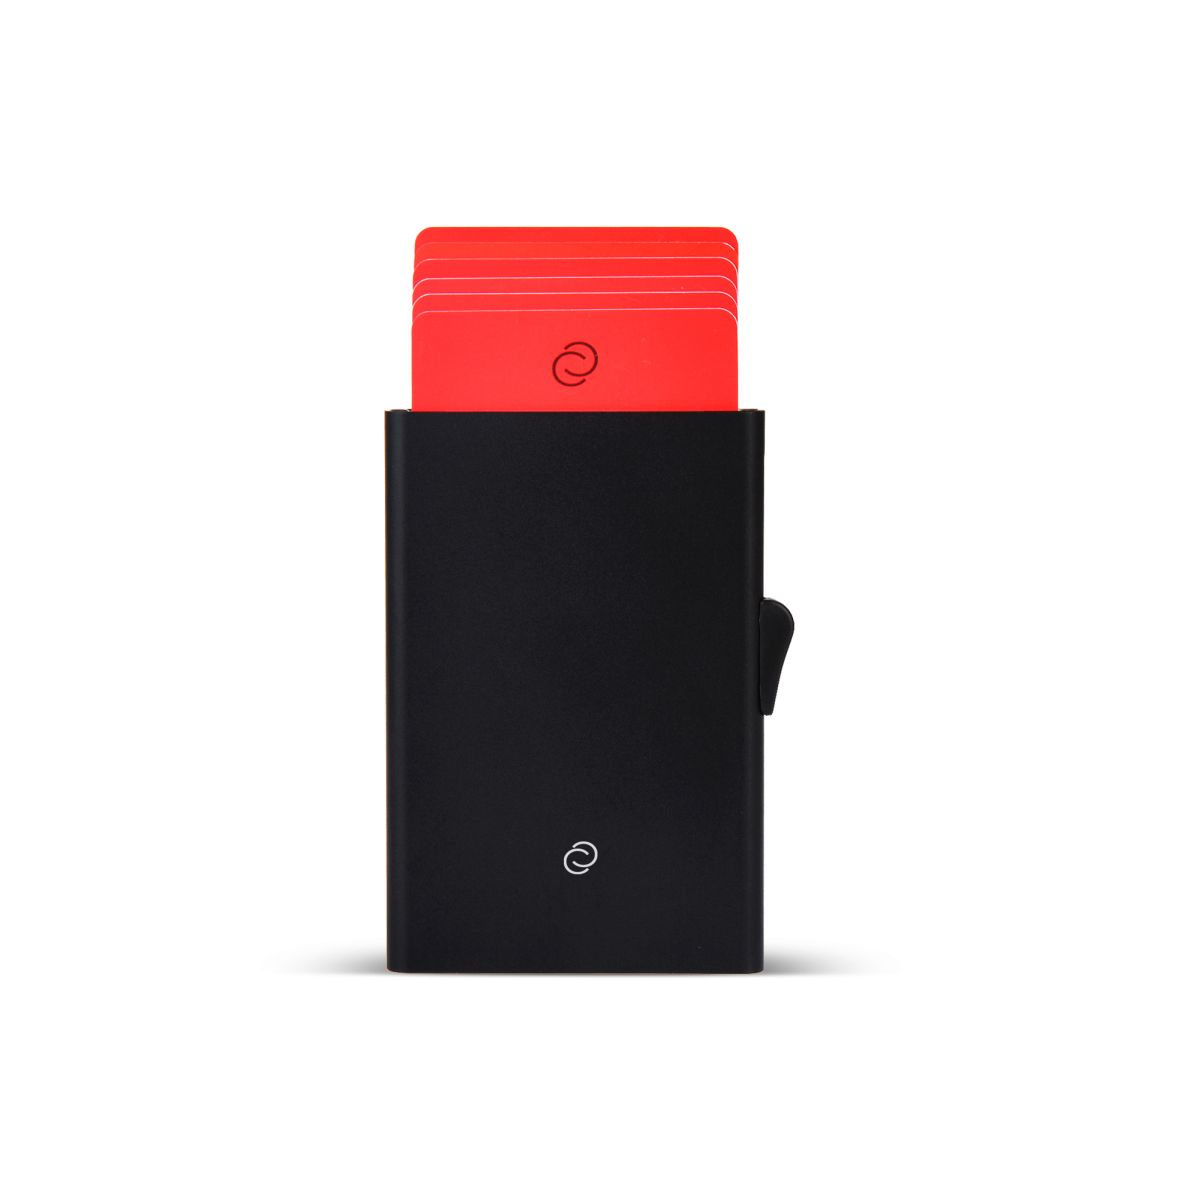 C-Secure ארנק אלומיניום מינימלסטי לכרטיסים - שחור